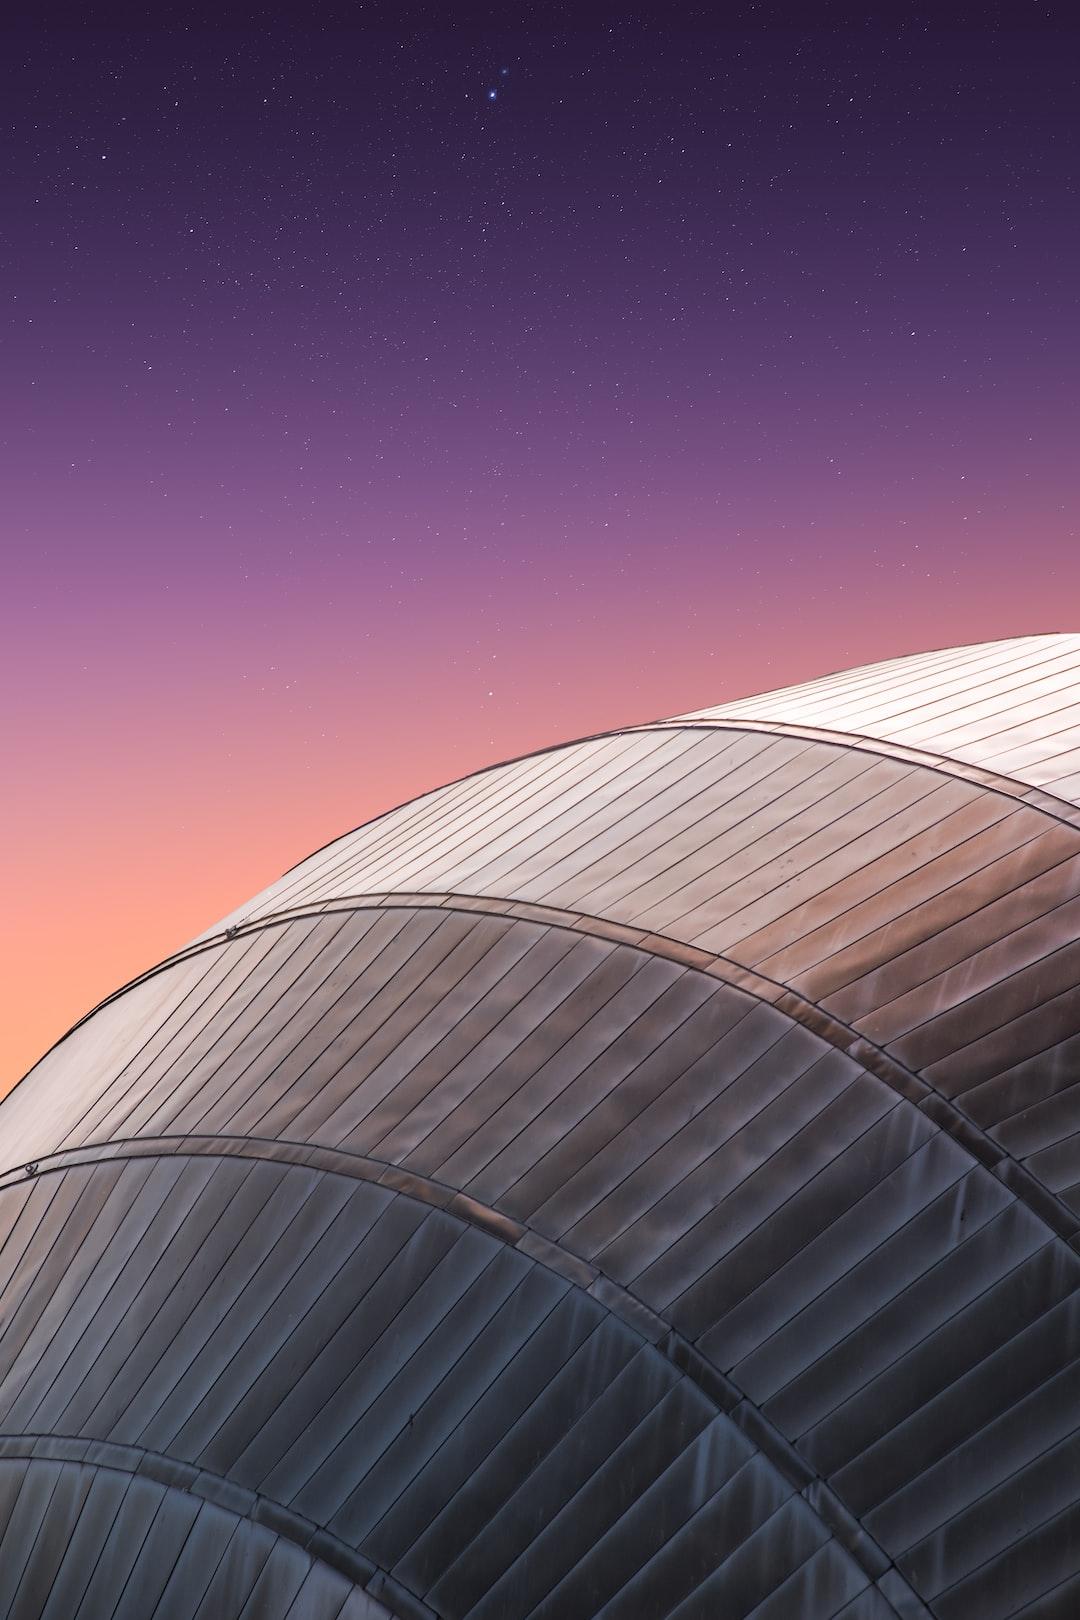 ΛLIΞN ===== Edited in Λdobe Photoshop & Nik Software  GEAR⤸ Foreground: Nikon D5500 - Nikkor 18-135 mm Sky: Nikon D5500 - Samyang 14 mm ===== Instagram Account - @therawhunter https://www.instagram.com/therawhunter/